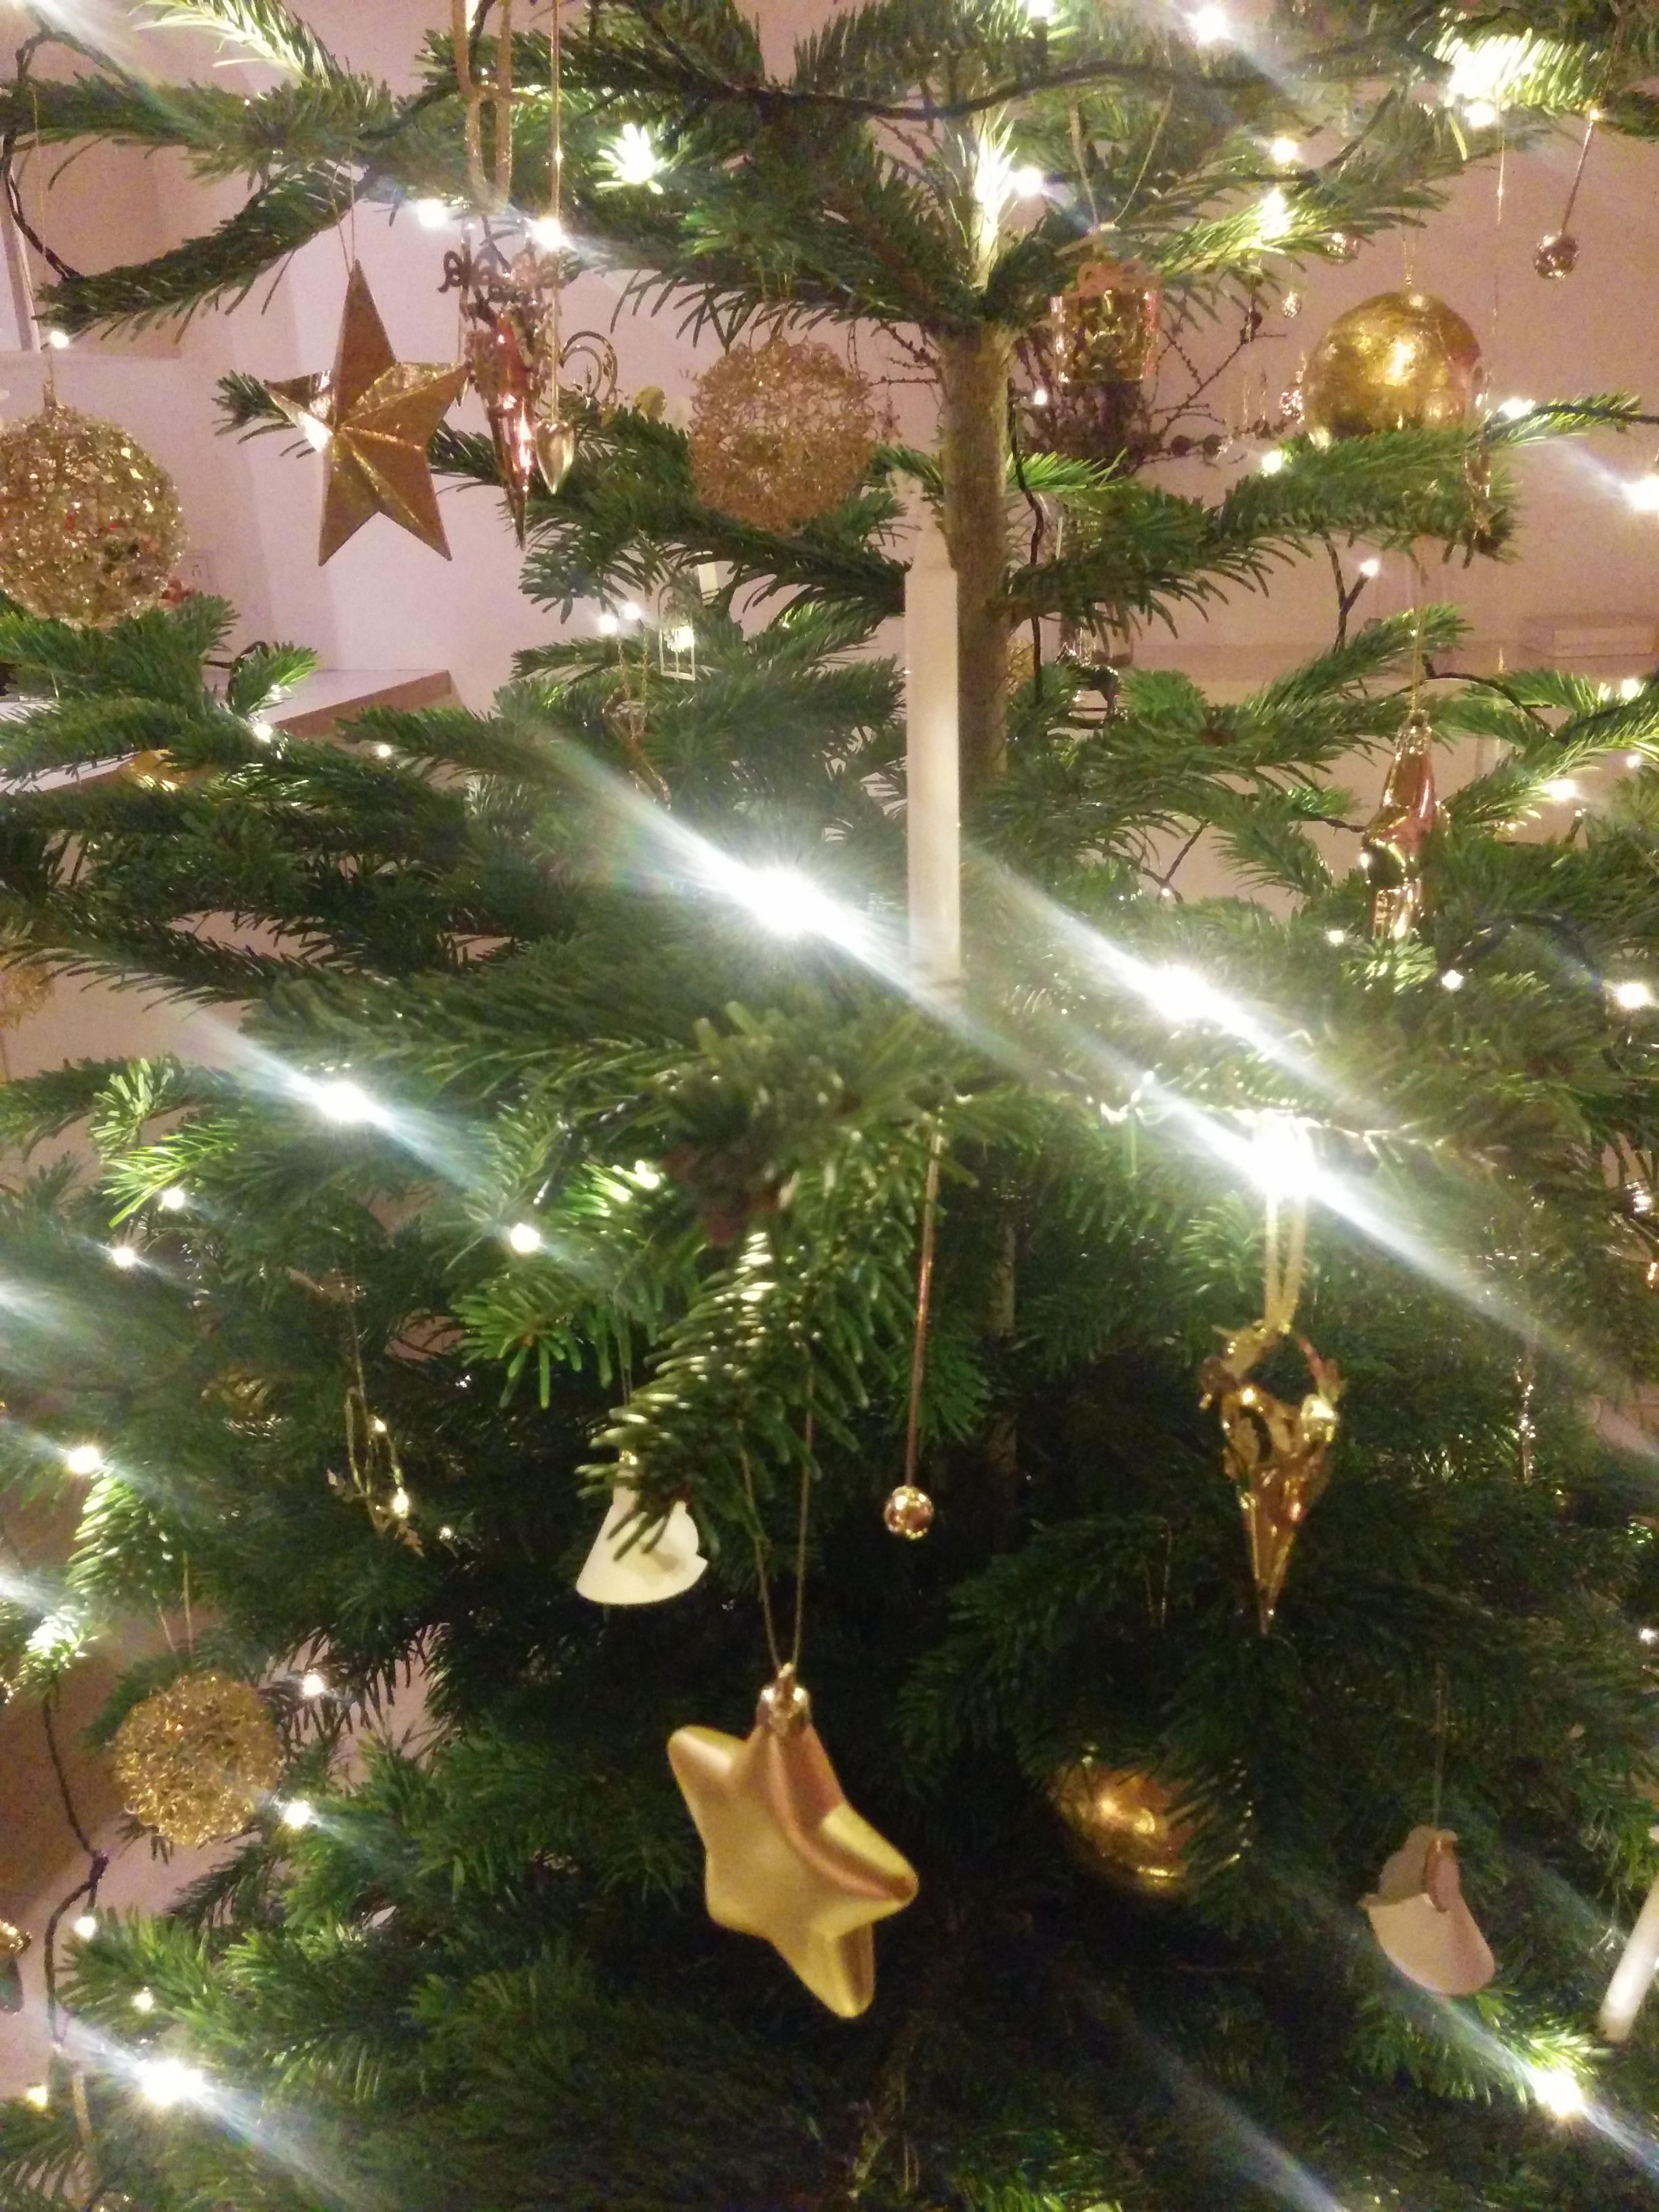 Juletræ_om jul og sygdom